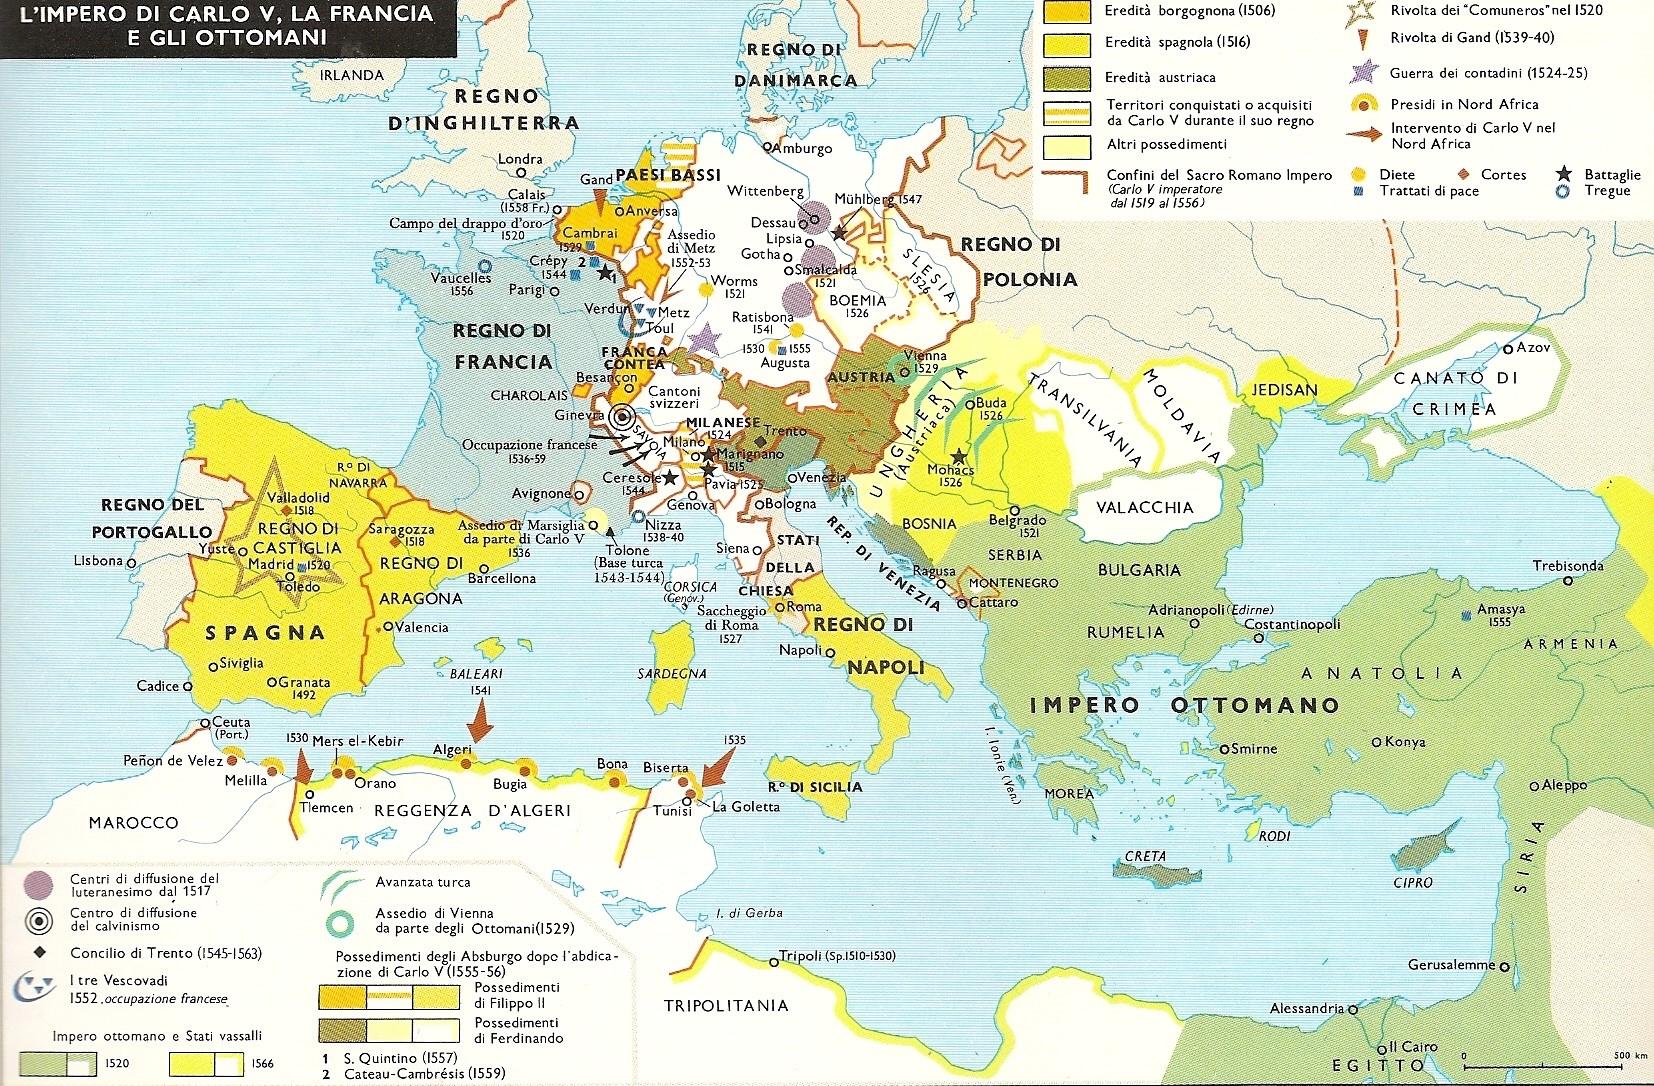 Bacino Del Mediterraneo Cartina Politica.Il Declino Mediterraneo Omeganews Info